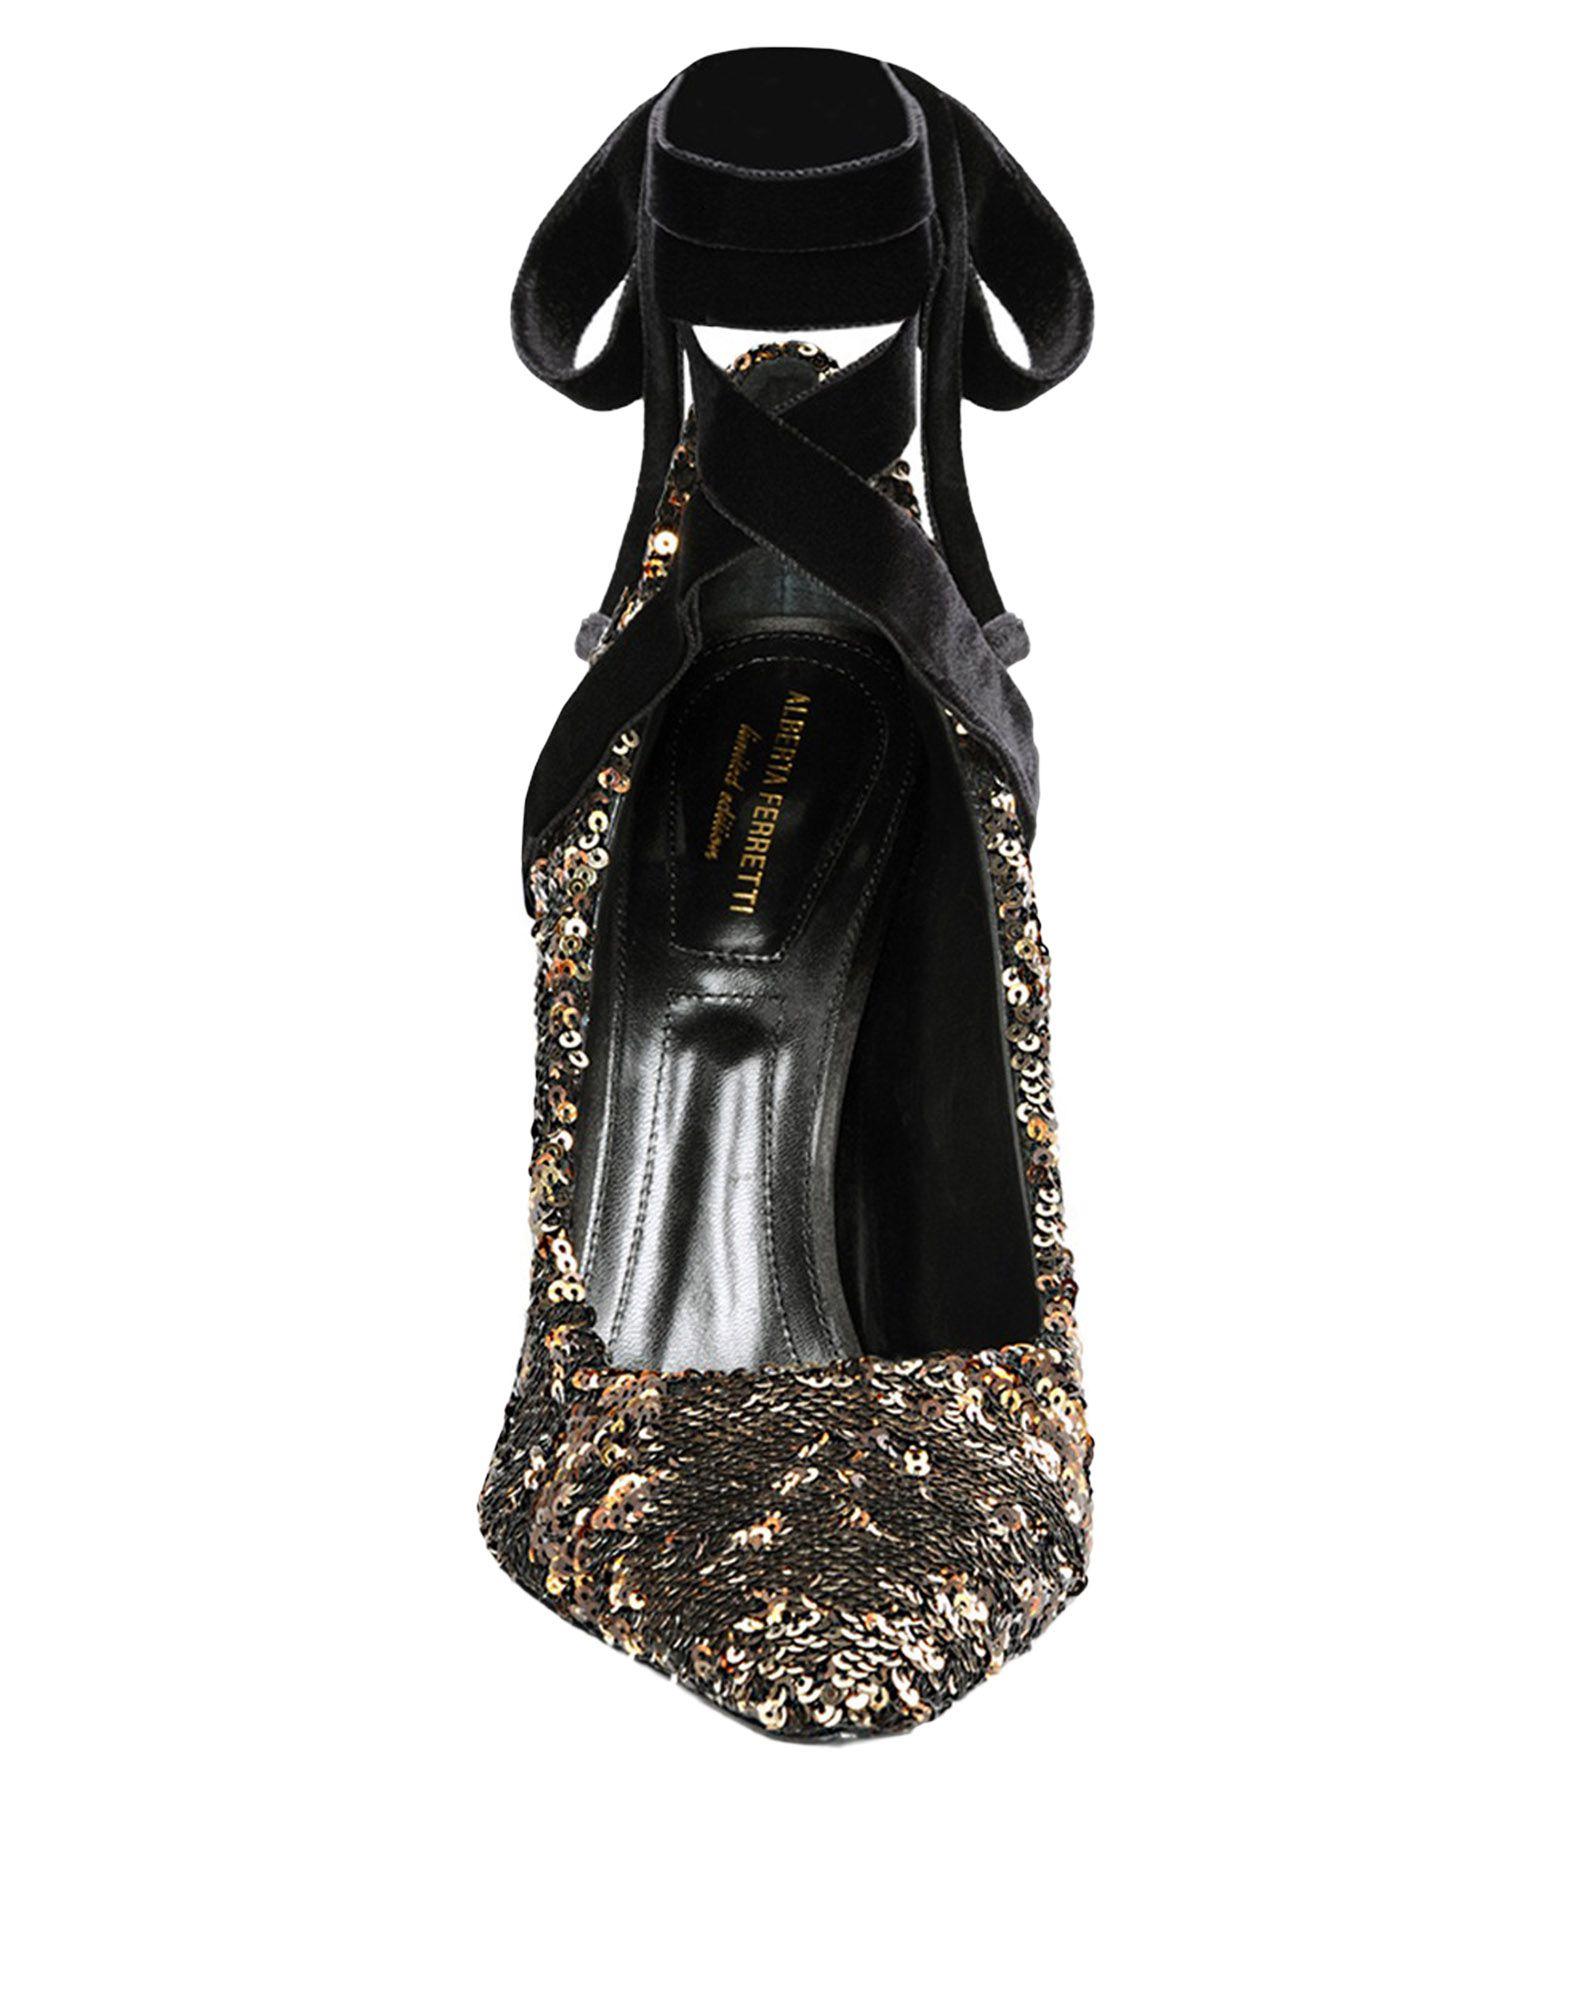 Rabatt Damen Schuhe Alberta Ferretti Pumps Damen Rabatt  11305752KR 61cf04